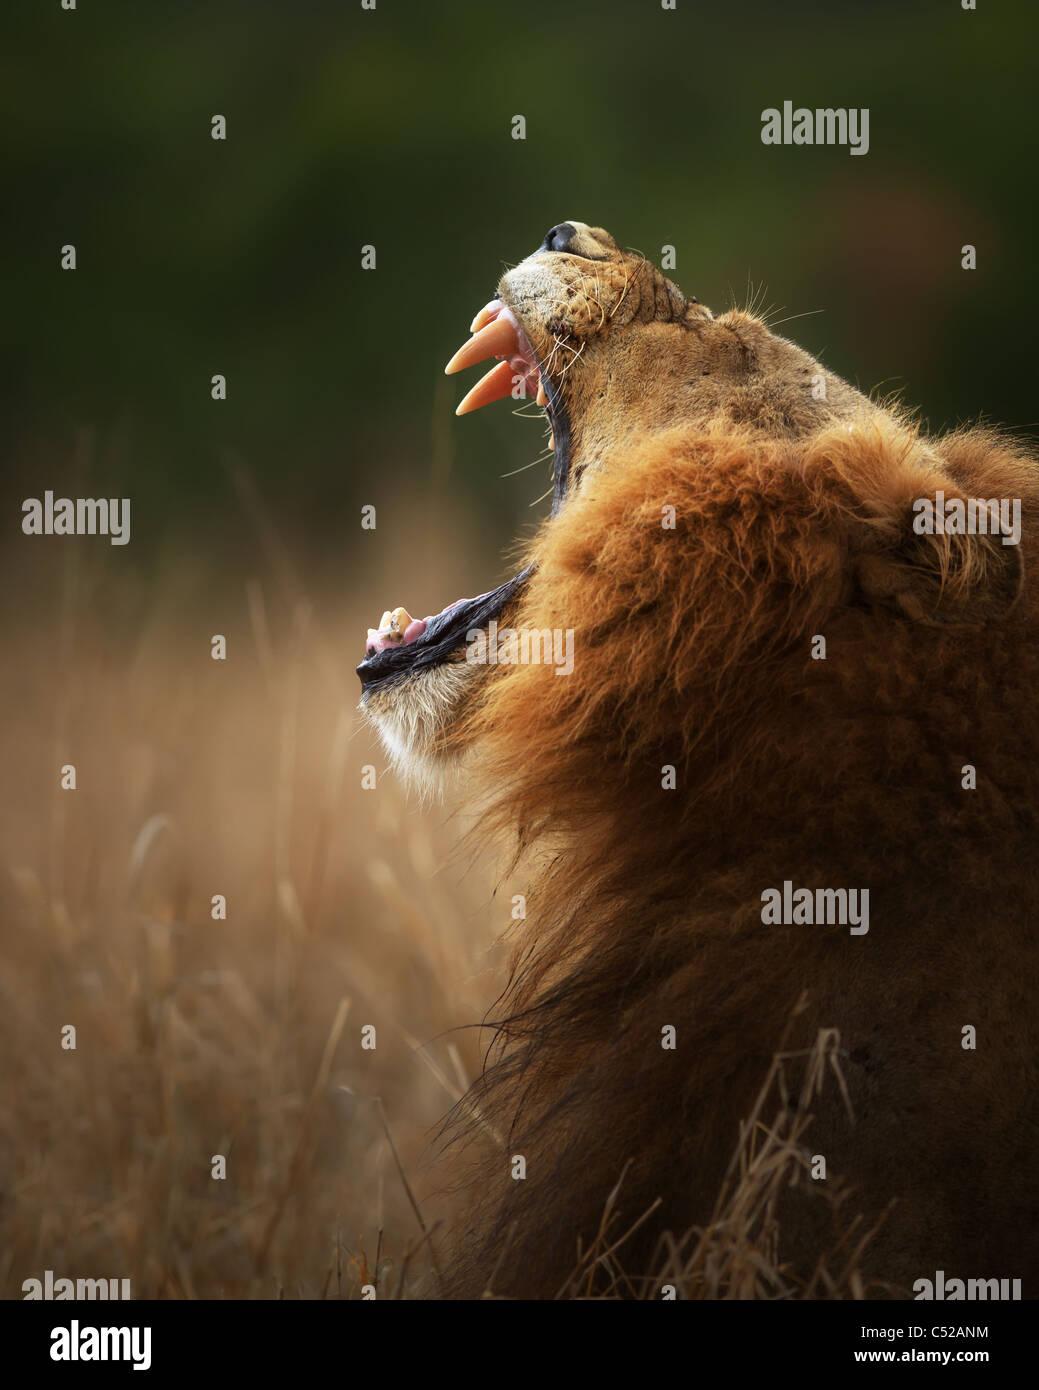 Lion muestra dientes peligrosos cuando el bostezo - Parque Nacional Kruger - Sudáfrica Imagen De Stock